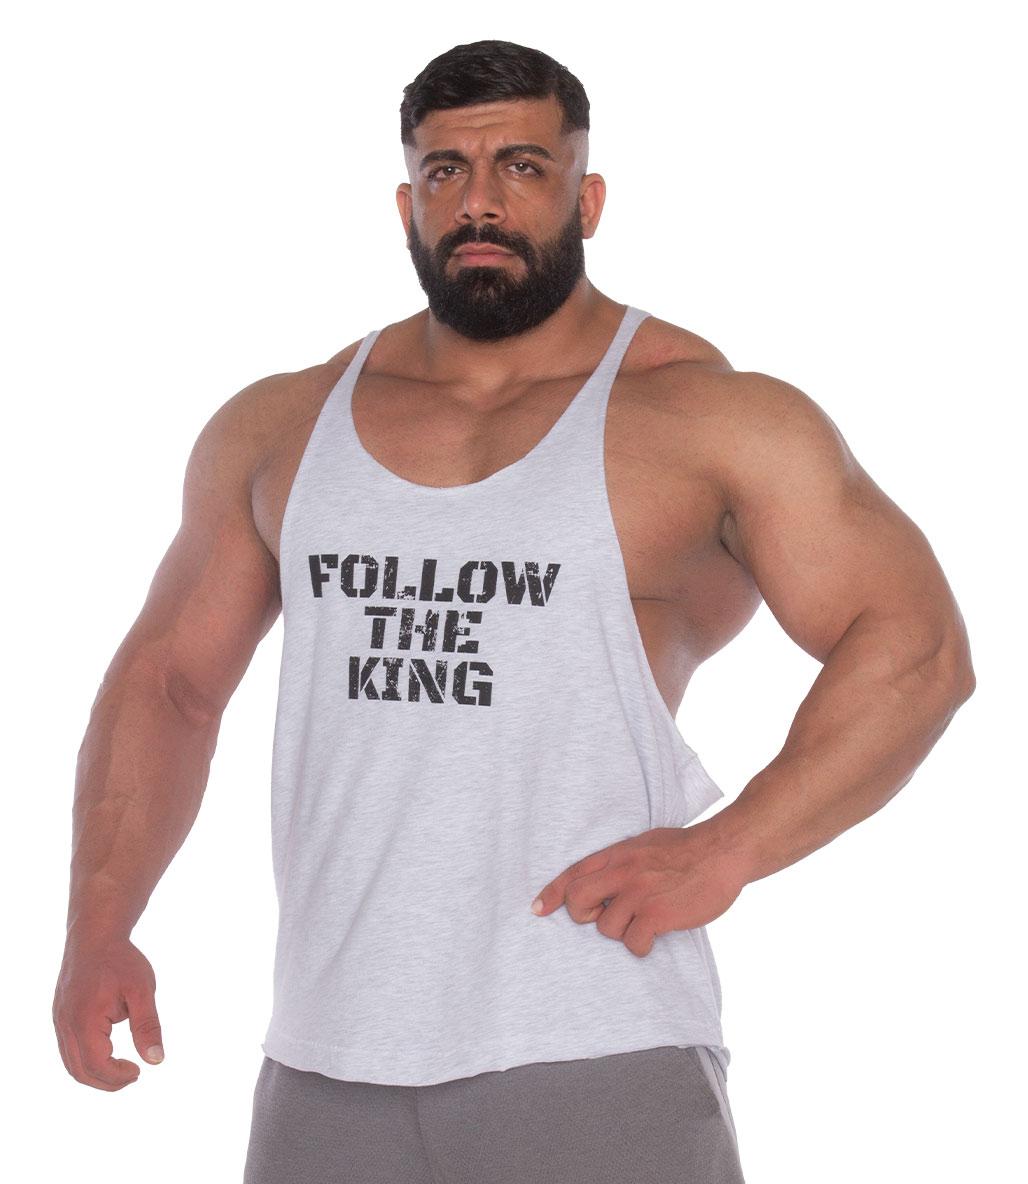 Kingsize Follow The King Antrenman Atleti Ön Baskılı Açık Gri Melanj